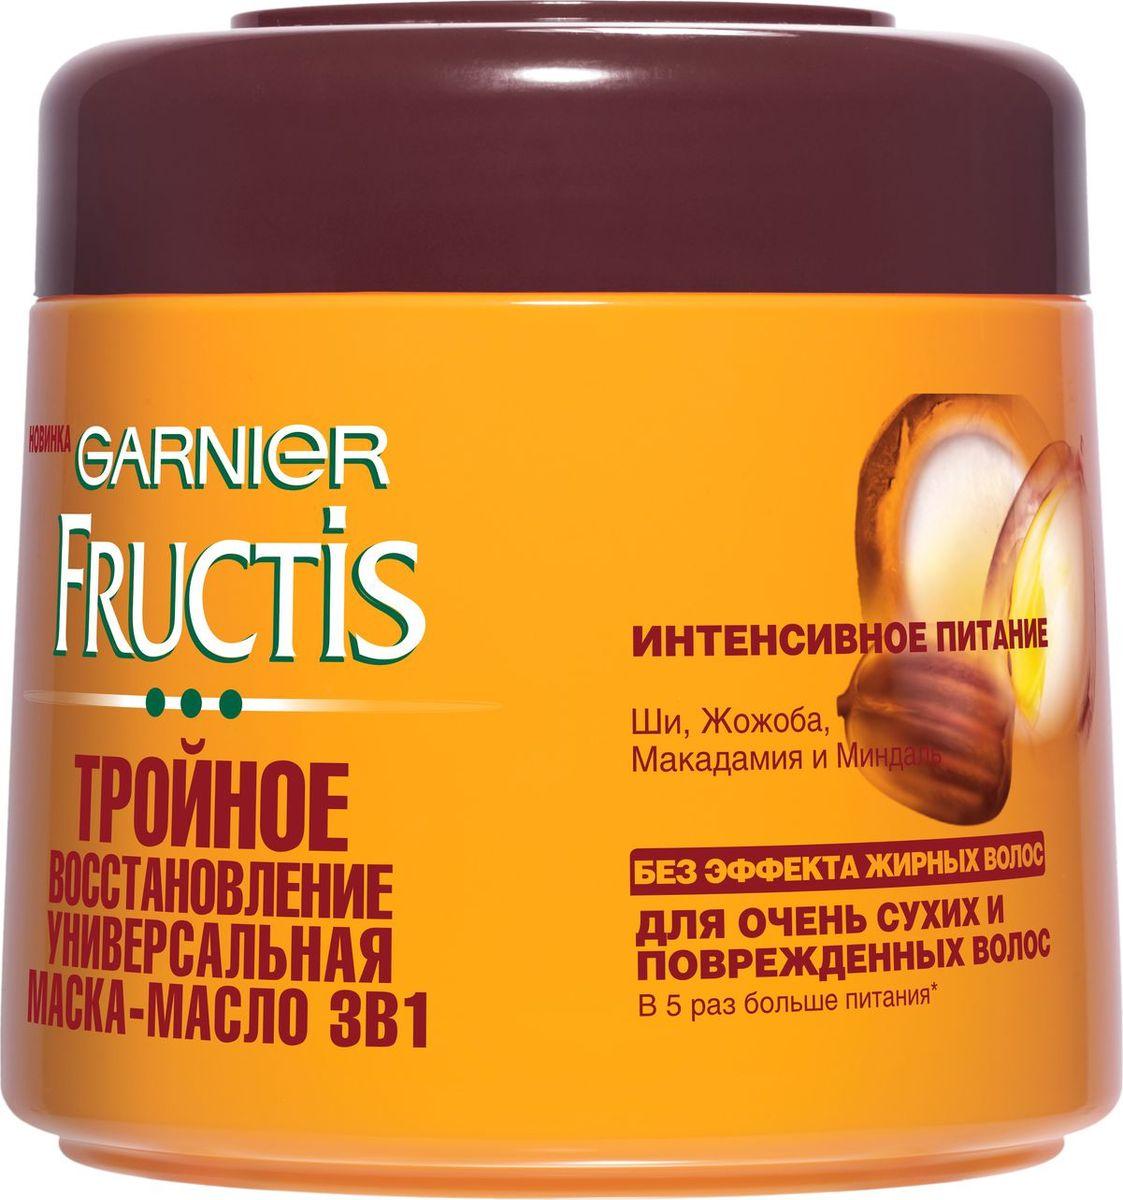 Garnier Fructis Масло-Маска 3 в 1 Фруктис, Тройное Восстановление, для очень сухих и поврежденных волос, 300 мл, с маслами Ши, Макадамии, Жожоба и МиндаляC5776000Обогащенная маслами Ши, Макадамии, Жожоба и Миндаля маска интенсивно питает волокно волоса, восстанавливает его силу и придает мягкость. Без эффекта жирных волос. Ее тающая текстура отвечает всем потребностям сухих волос и обеспечивает питание на 48 часов.РЕЗУЛЬТАТ:В 5 раз больше питания. Волосы мягкие и шелковистые. Сохраняет питание на 48 часов.